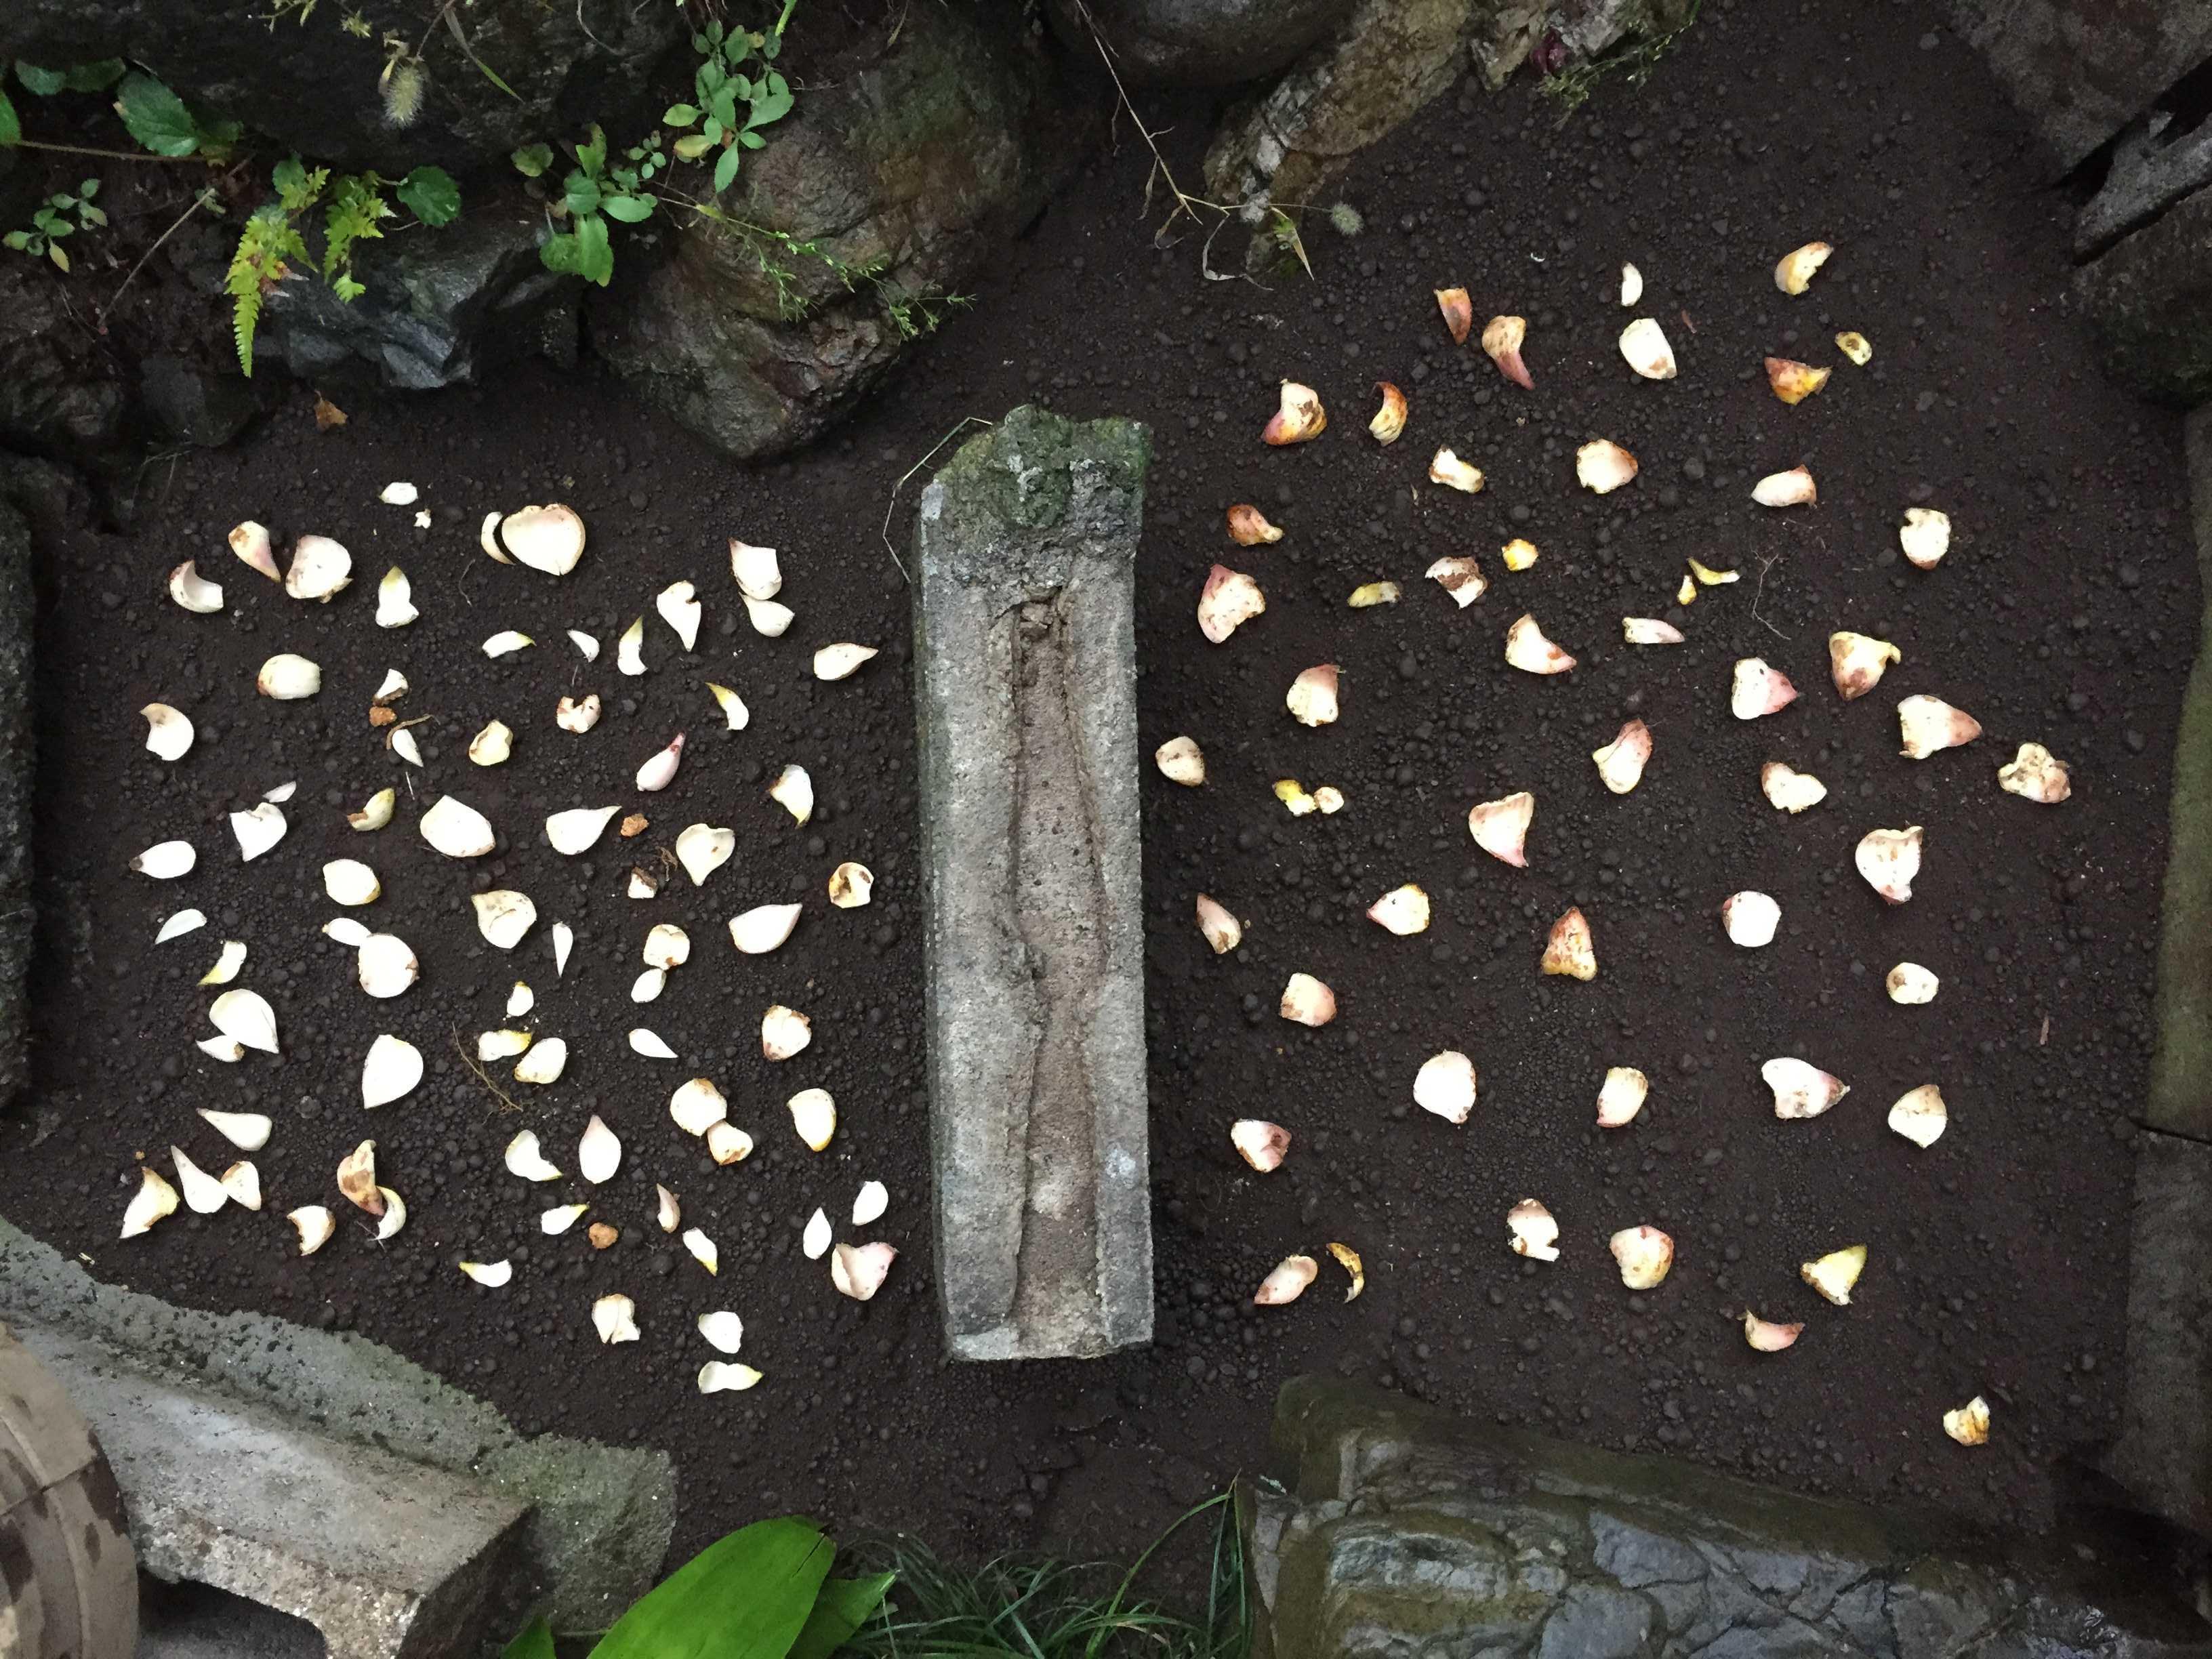 ヤマユリの鱗片定植